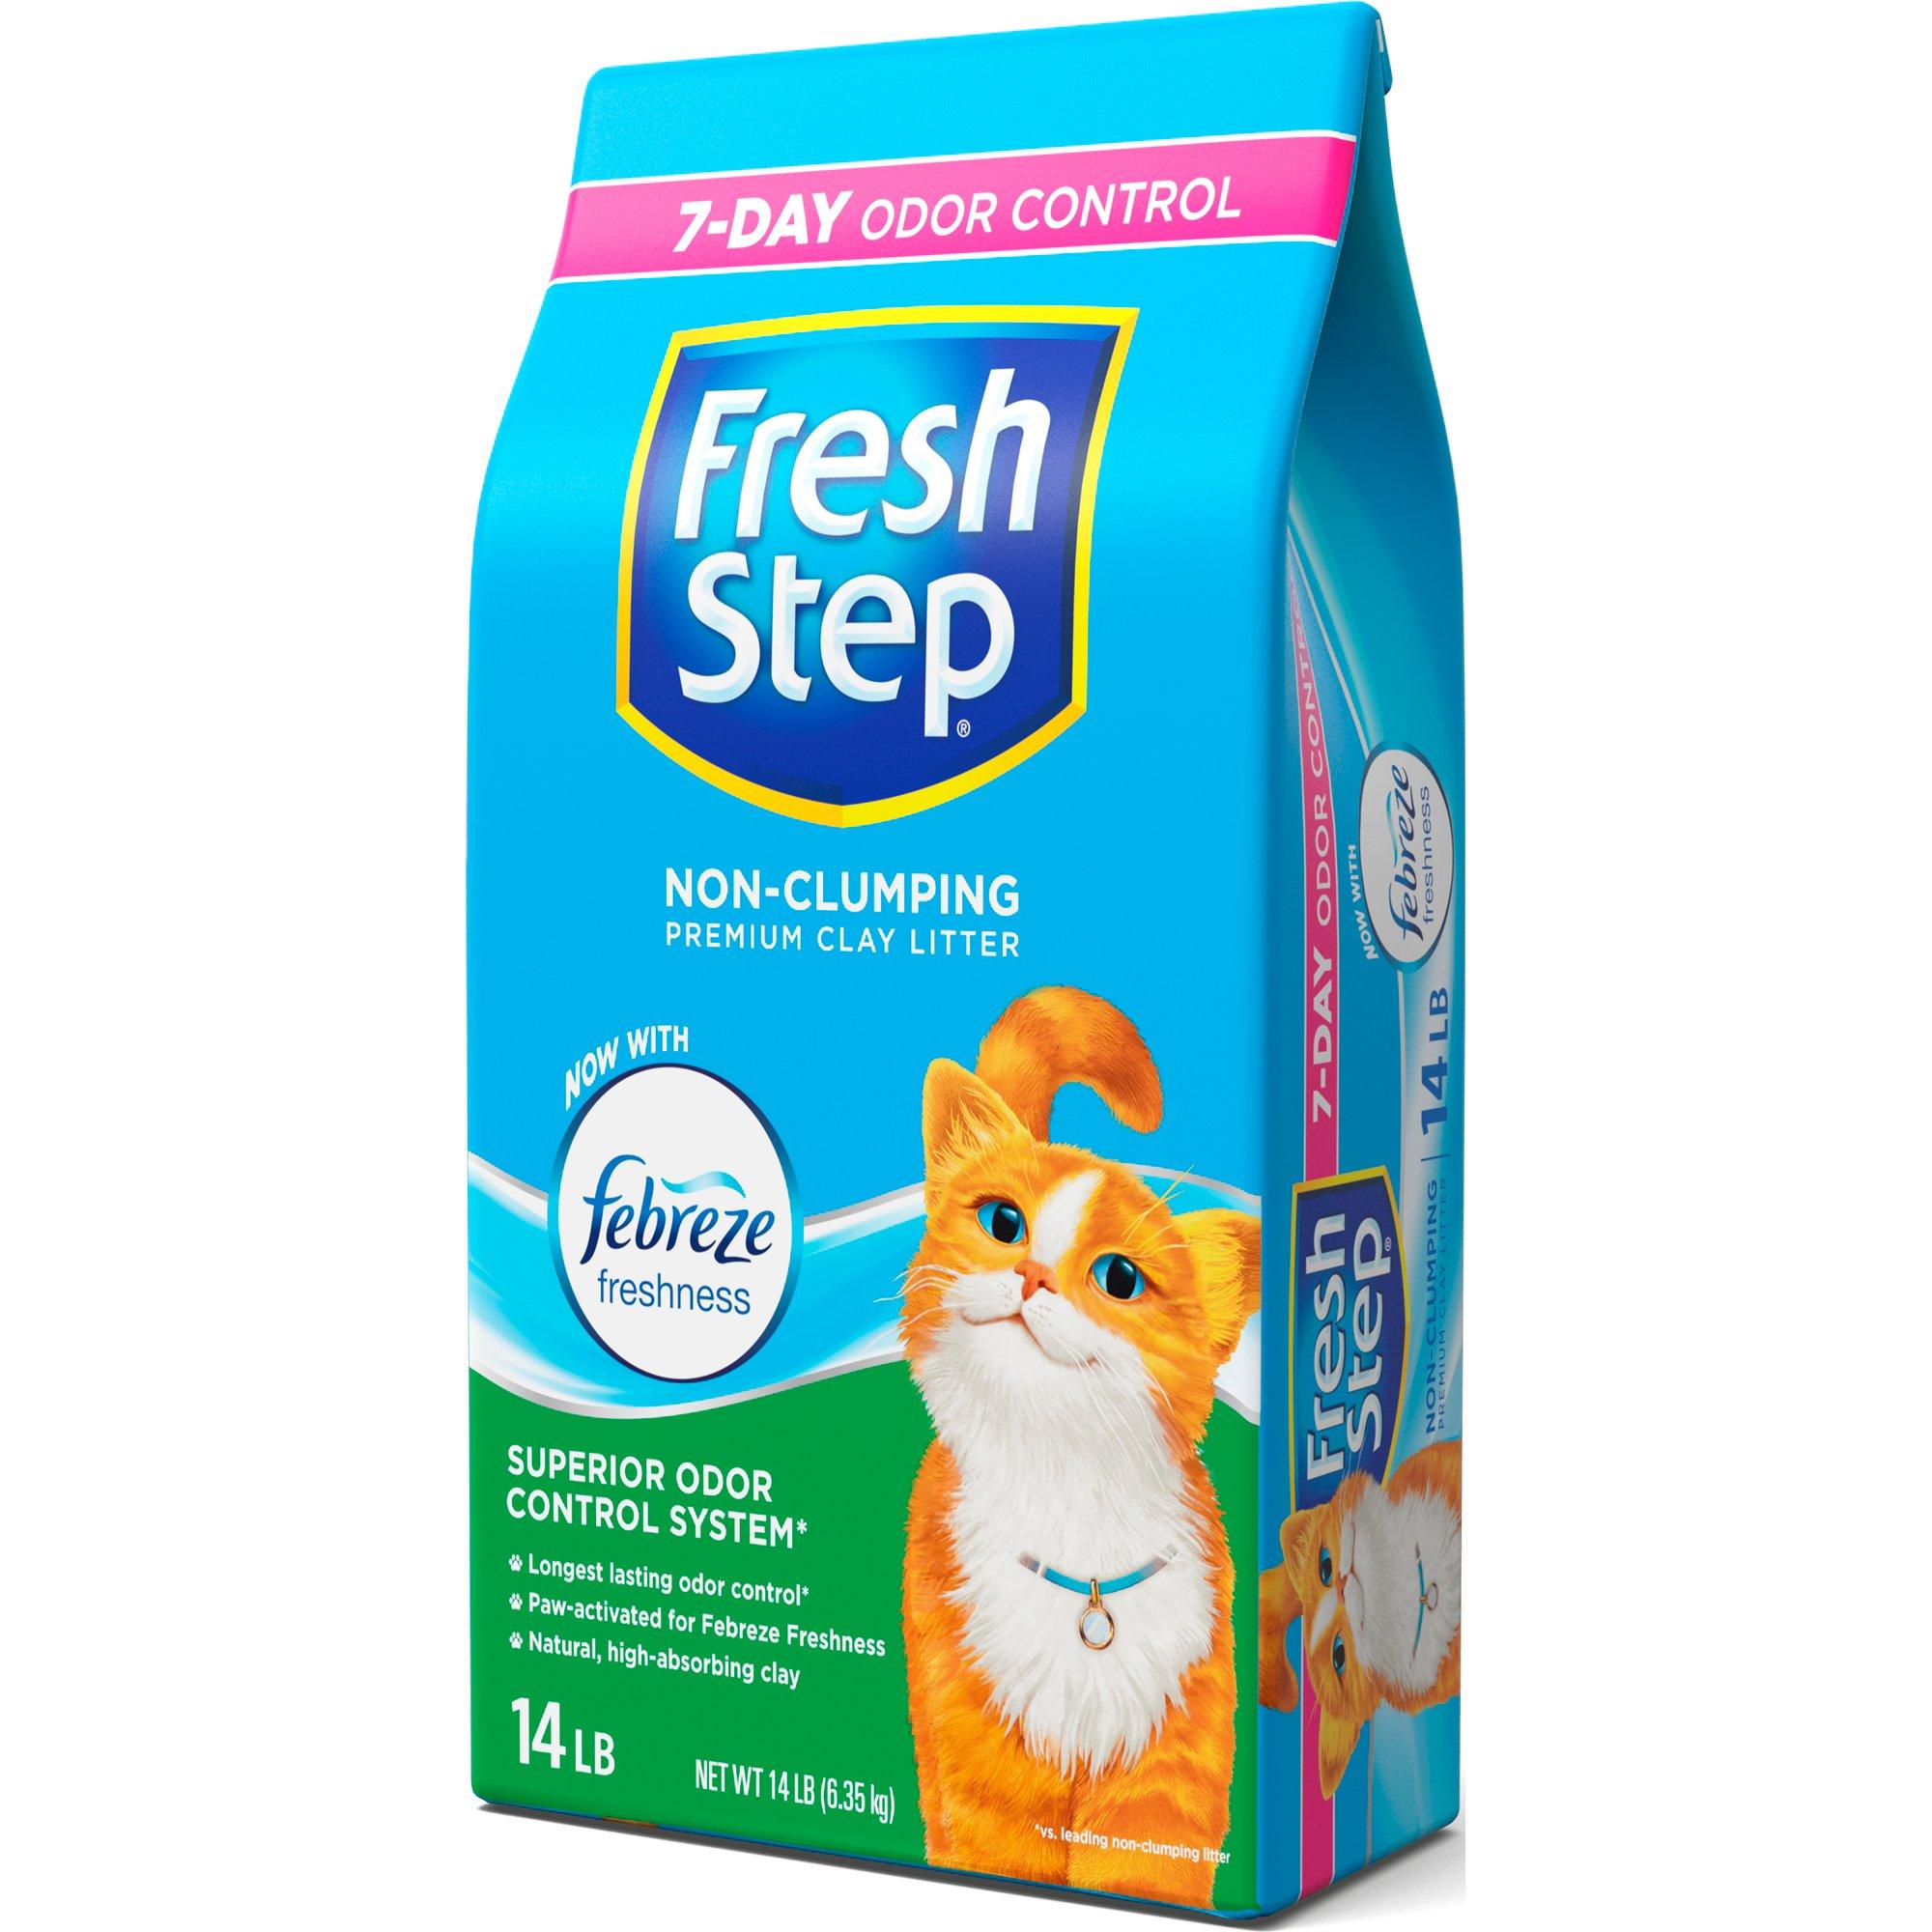 fresh step premium clay cat litter - Cat Litter Reviews